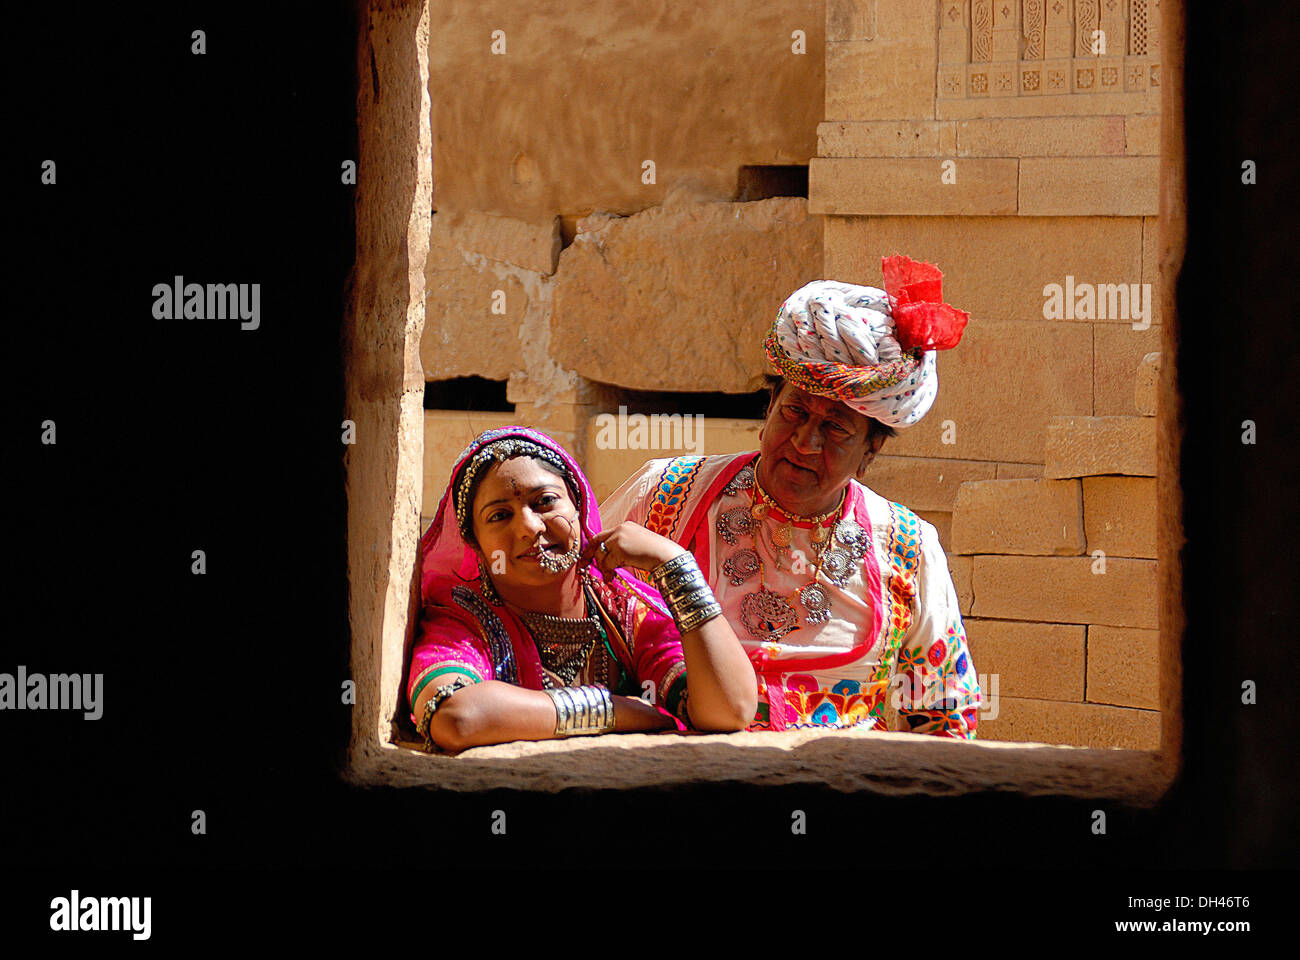 Indischer Mann und Frau in traditioneller Kleidung Jaisalmer Rajasthan Indien Asien Herr #784B & 784C Stockfoto